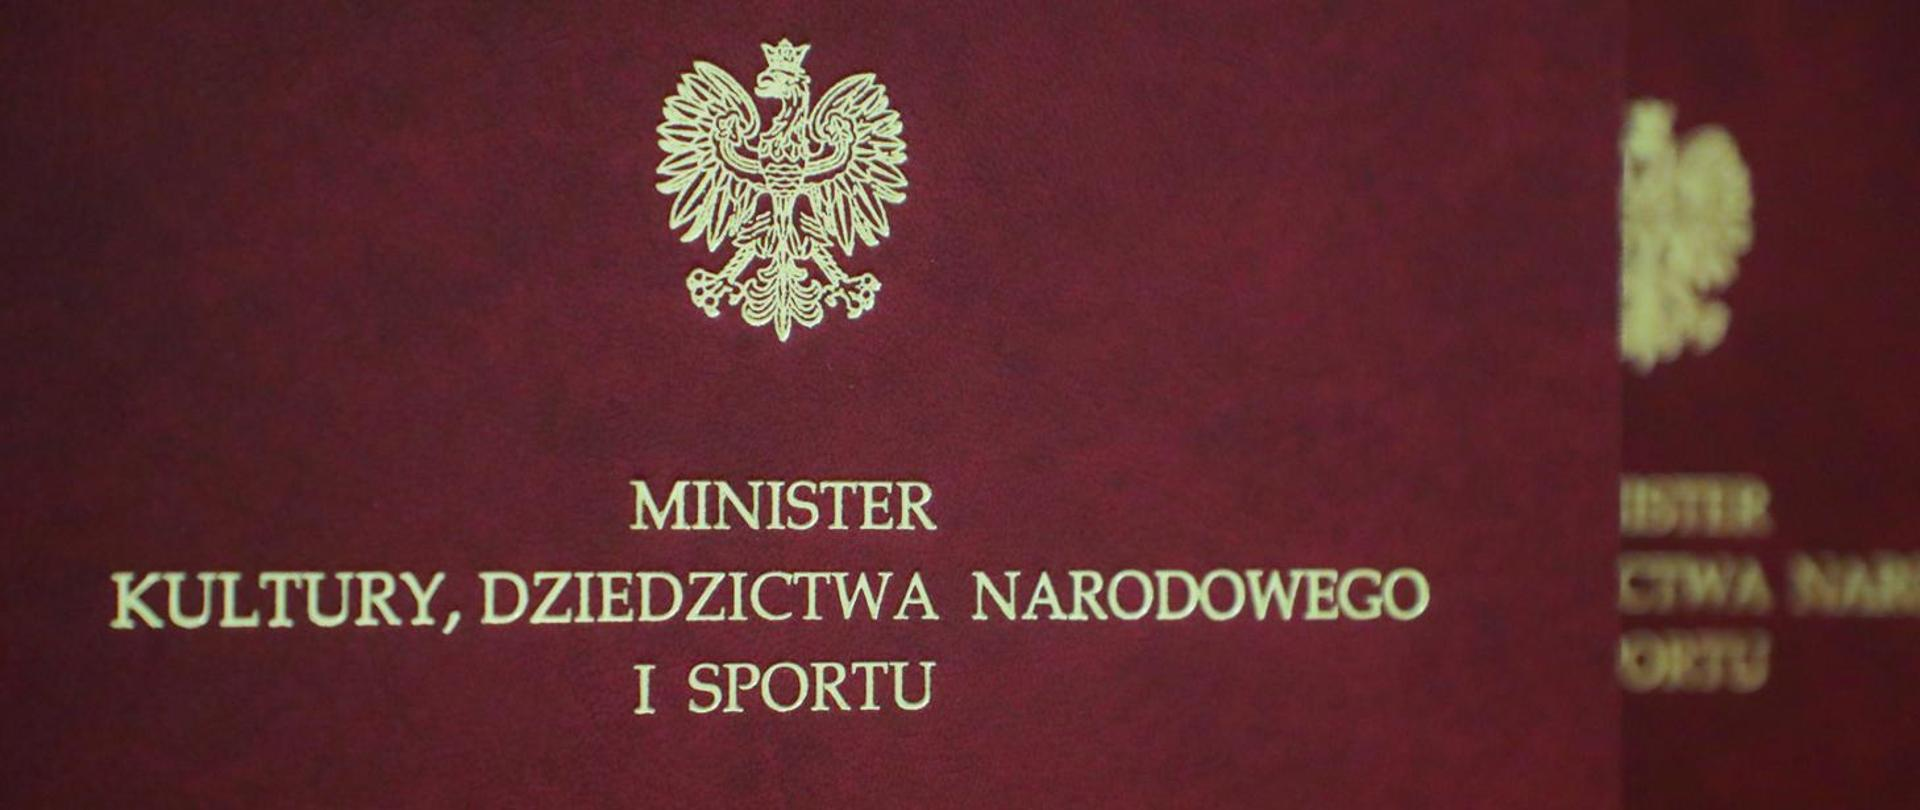 Minister Kultury, Dziedzictwa Narodowego i Sportu, fot. Danuta Matloch